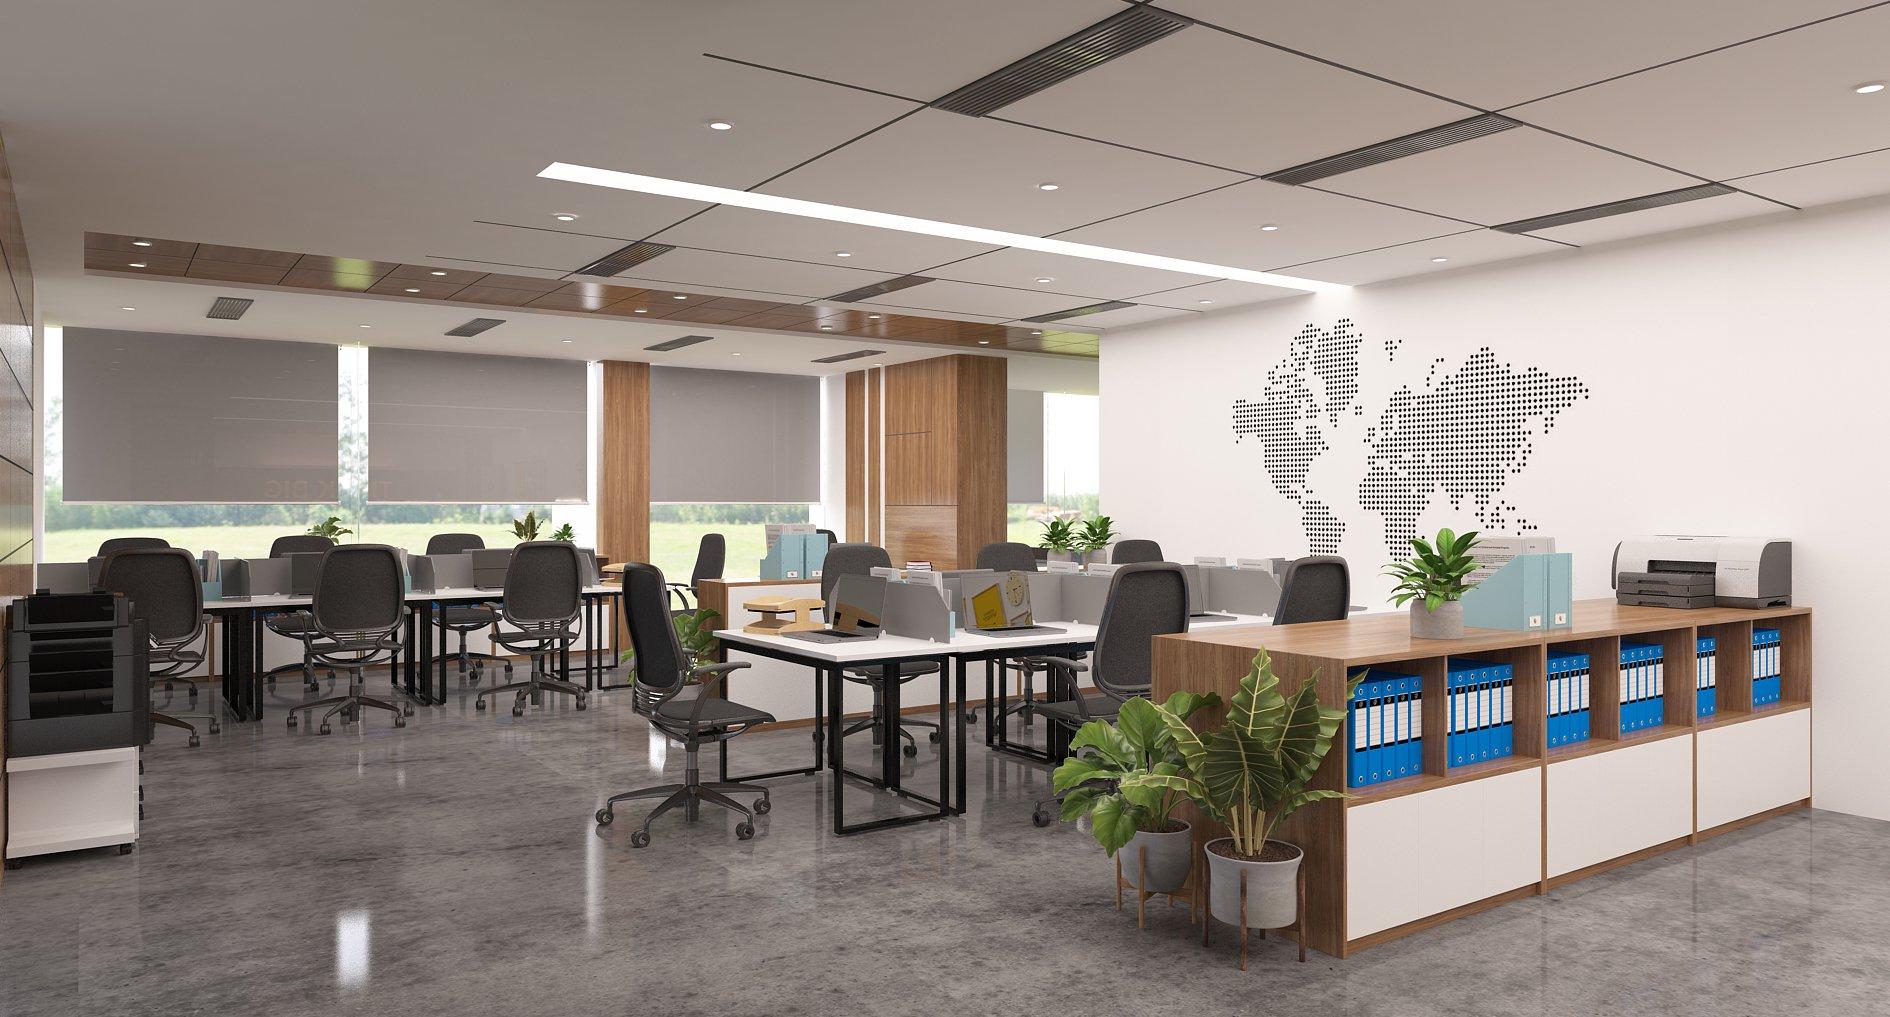 Thiết kế văn phòng được bố trí hợp lí